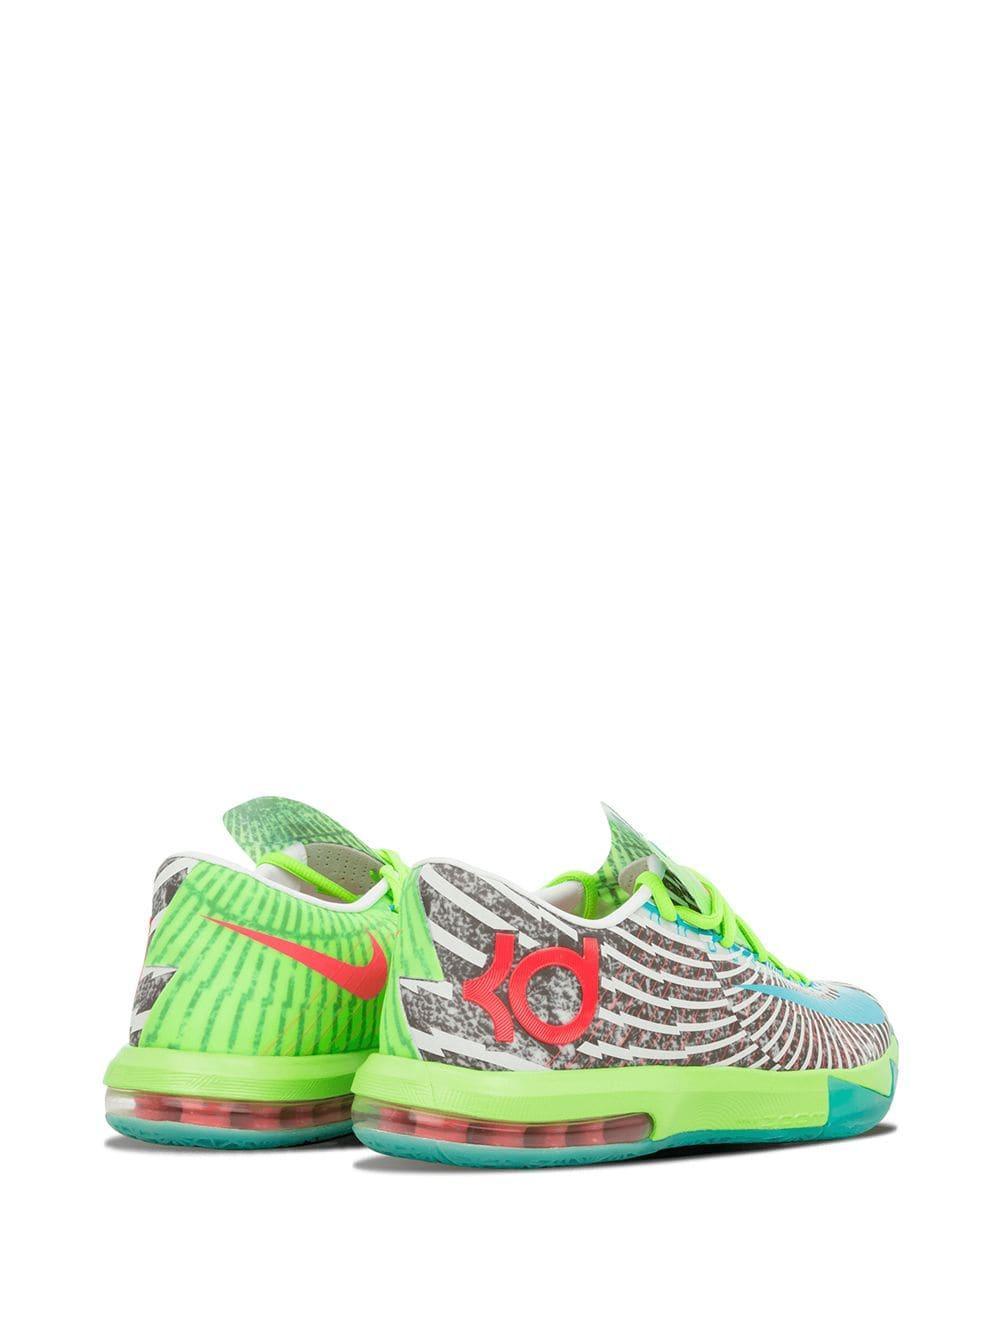 Zapatillas KD VI Supreme Nike de Caucho de color Verde para hombre